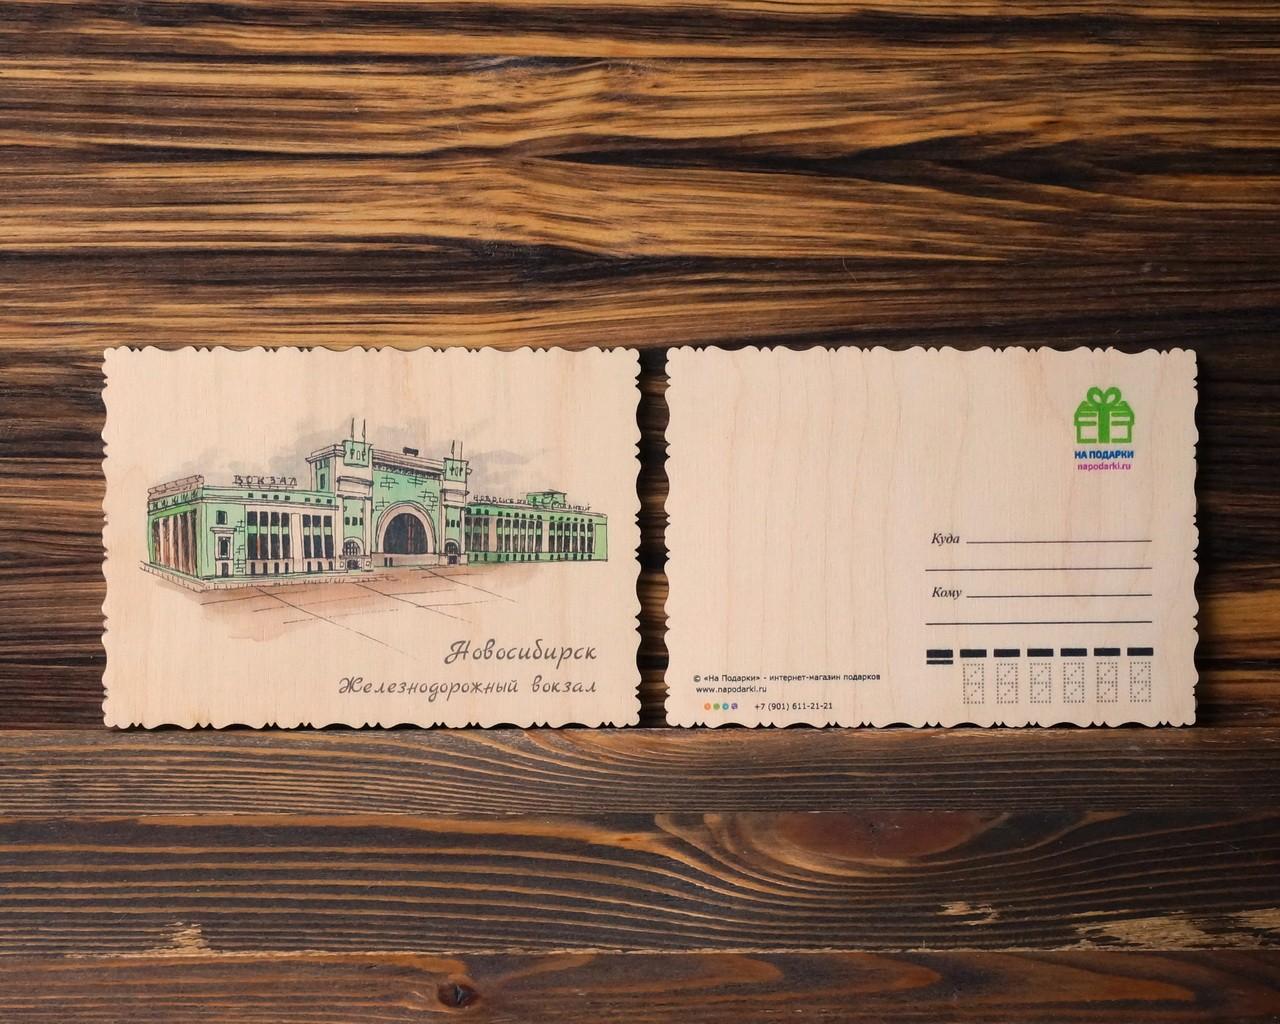 """Деревянная открытка """"Новосибирск, Железнодорожный вокзал"""" Анастасии Марченко"""